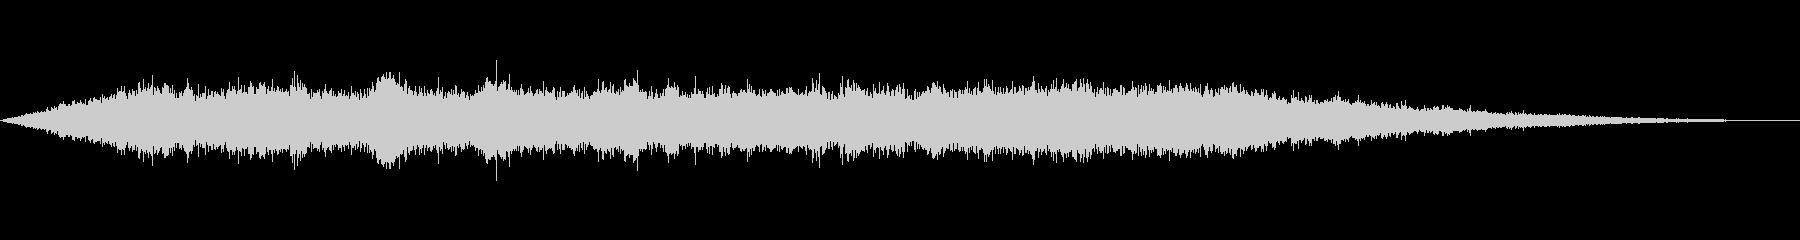 海 波 浜辺 海岸 カモメ等の環境音09の未再生の波形